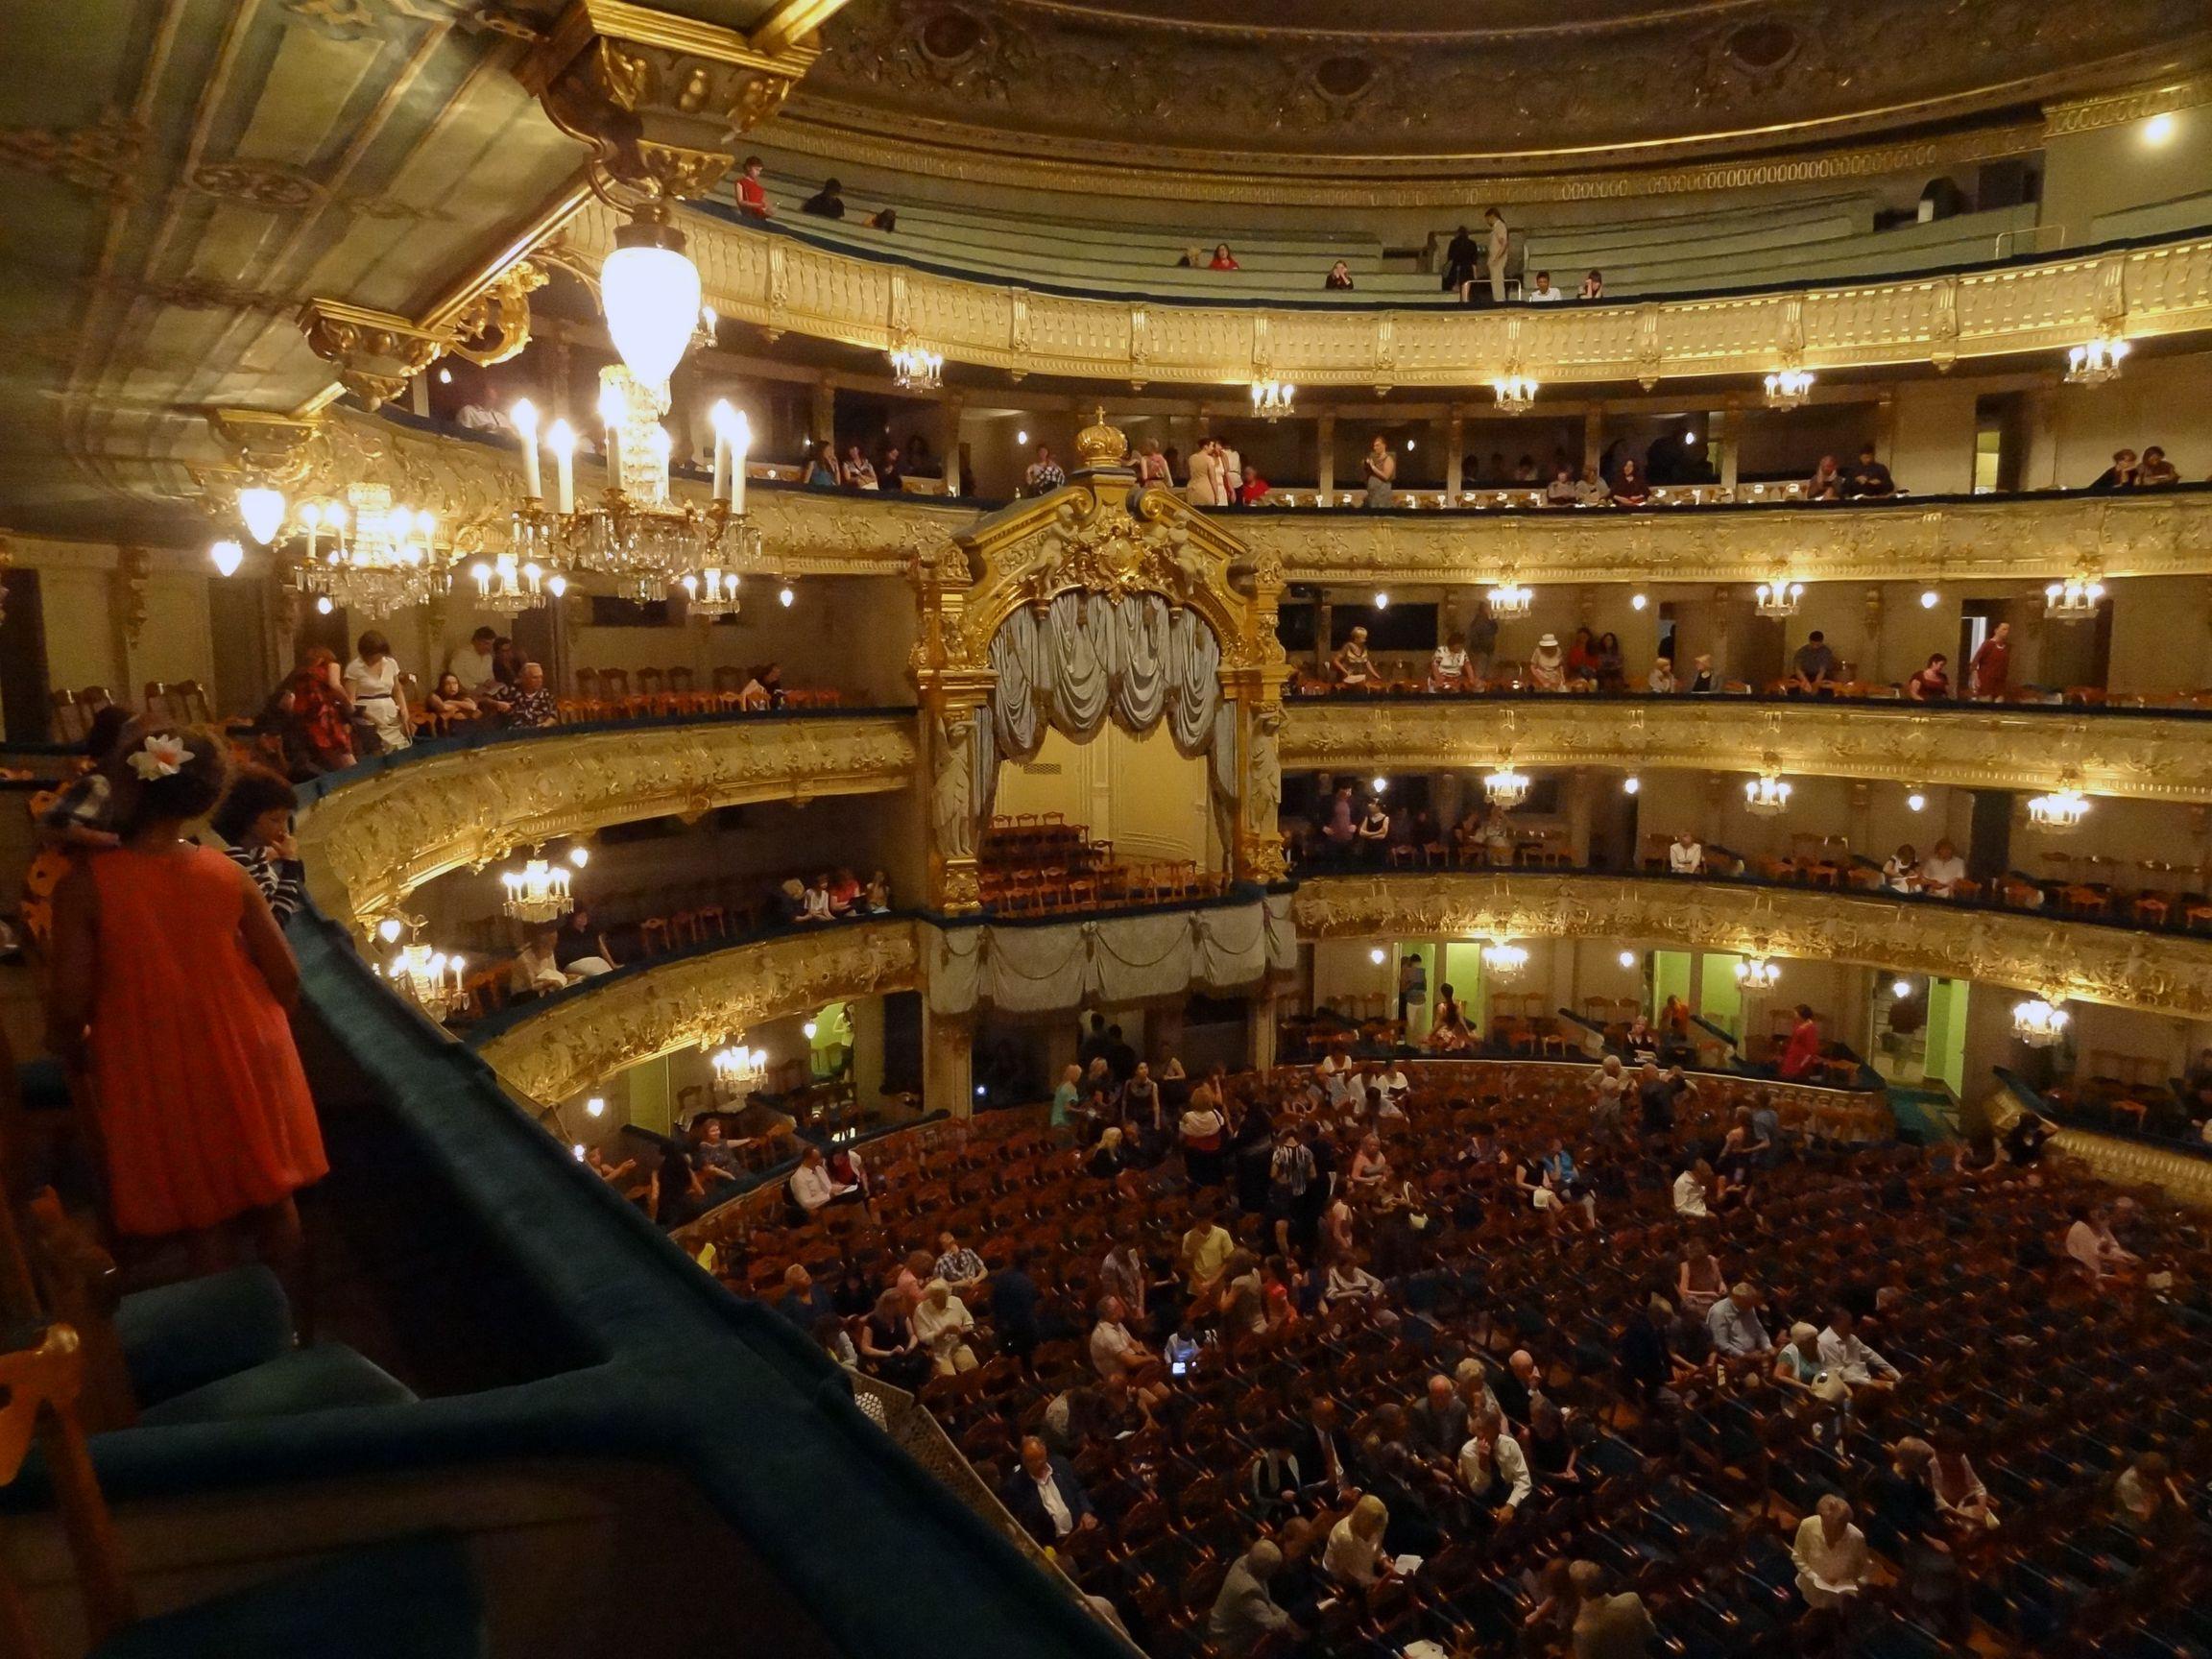 Mariinskij Theater